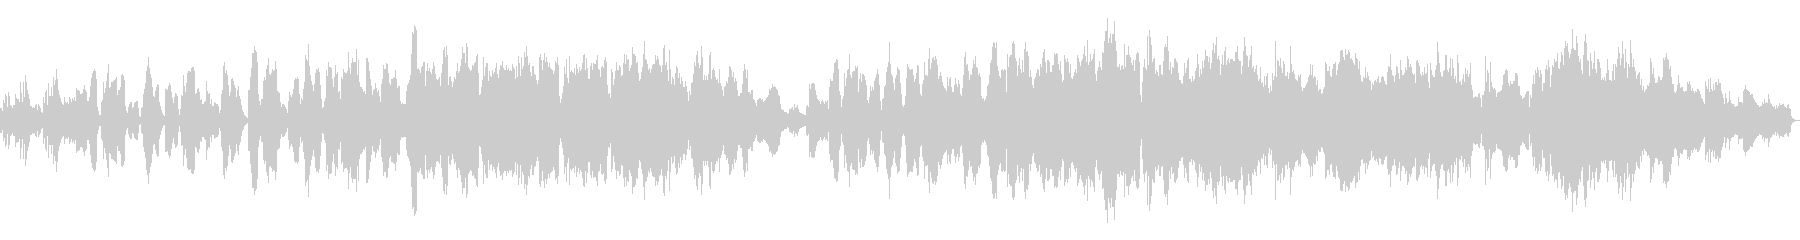 クラリネットが印象的な悲しいバラードの未再生の波形